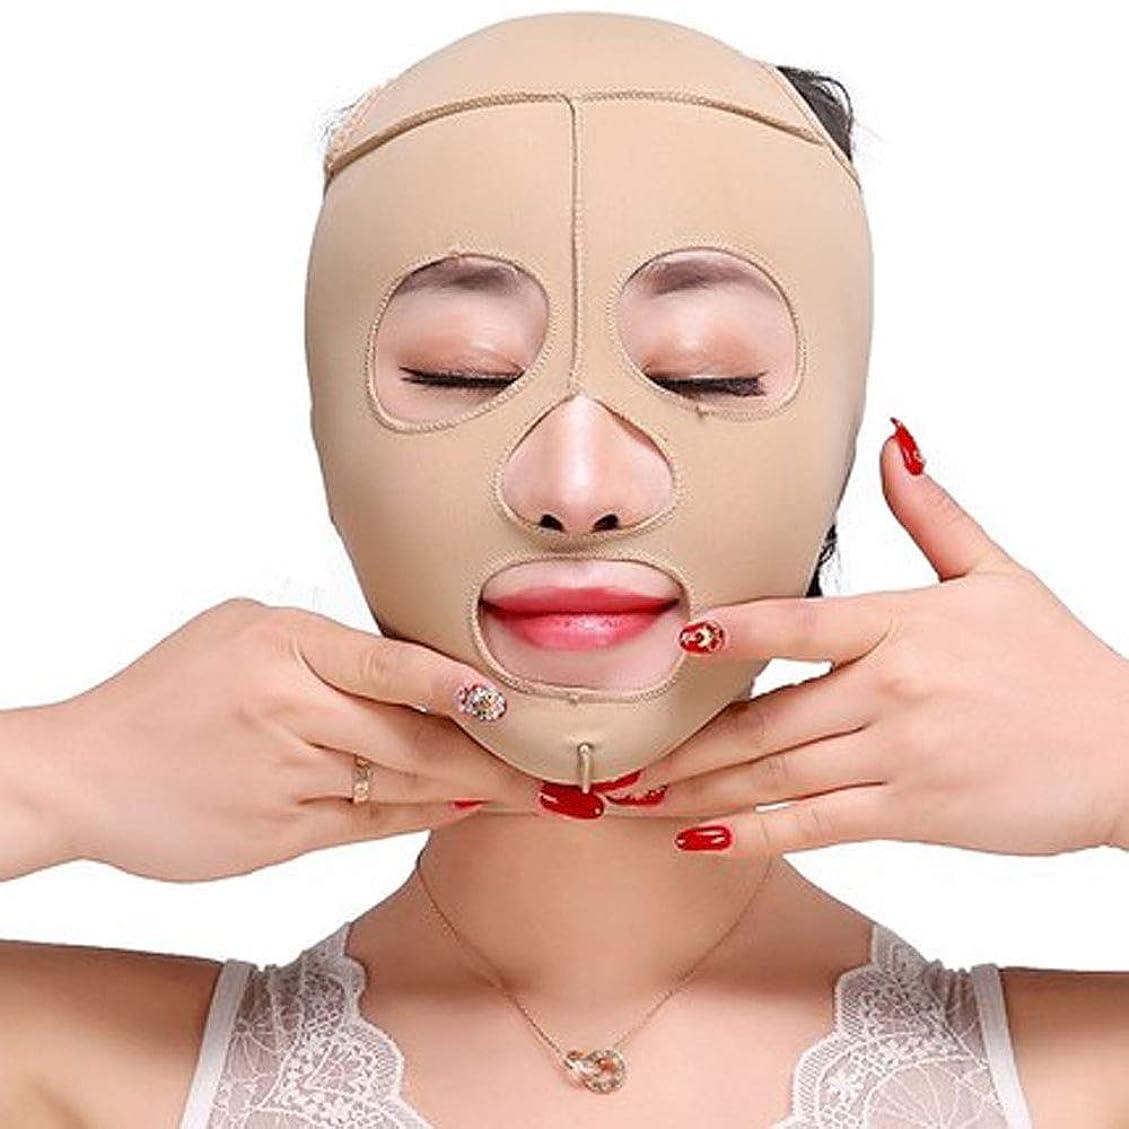 圧縮するアーティスト同行するGLJJQMY フェイシャルリフティングフェイシャルVマスクダブルあご薄い顔包帯抗シワリフティングチークライン 顔用整形マスク (Size : M)